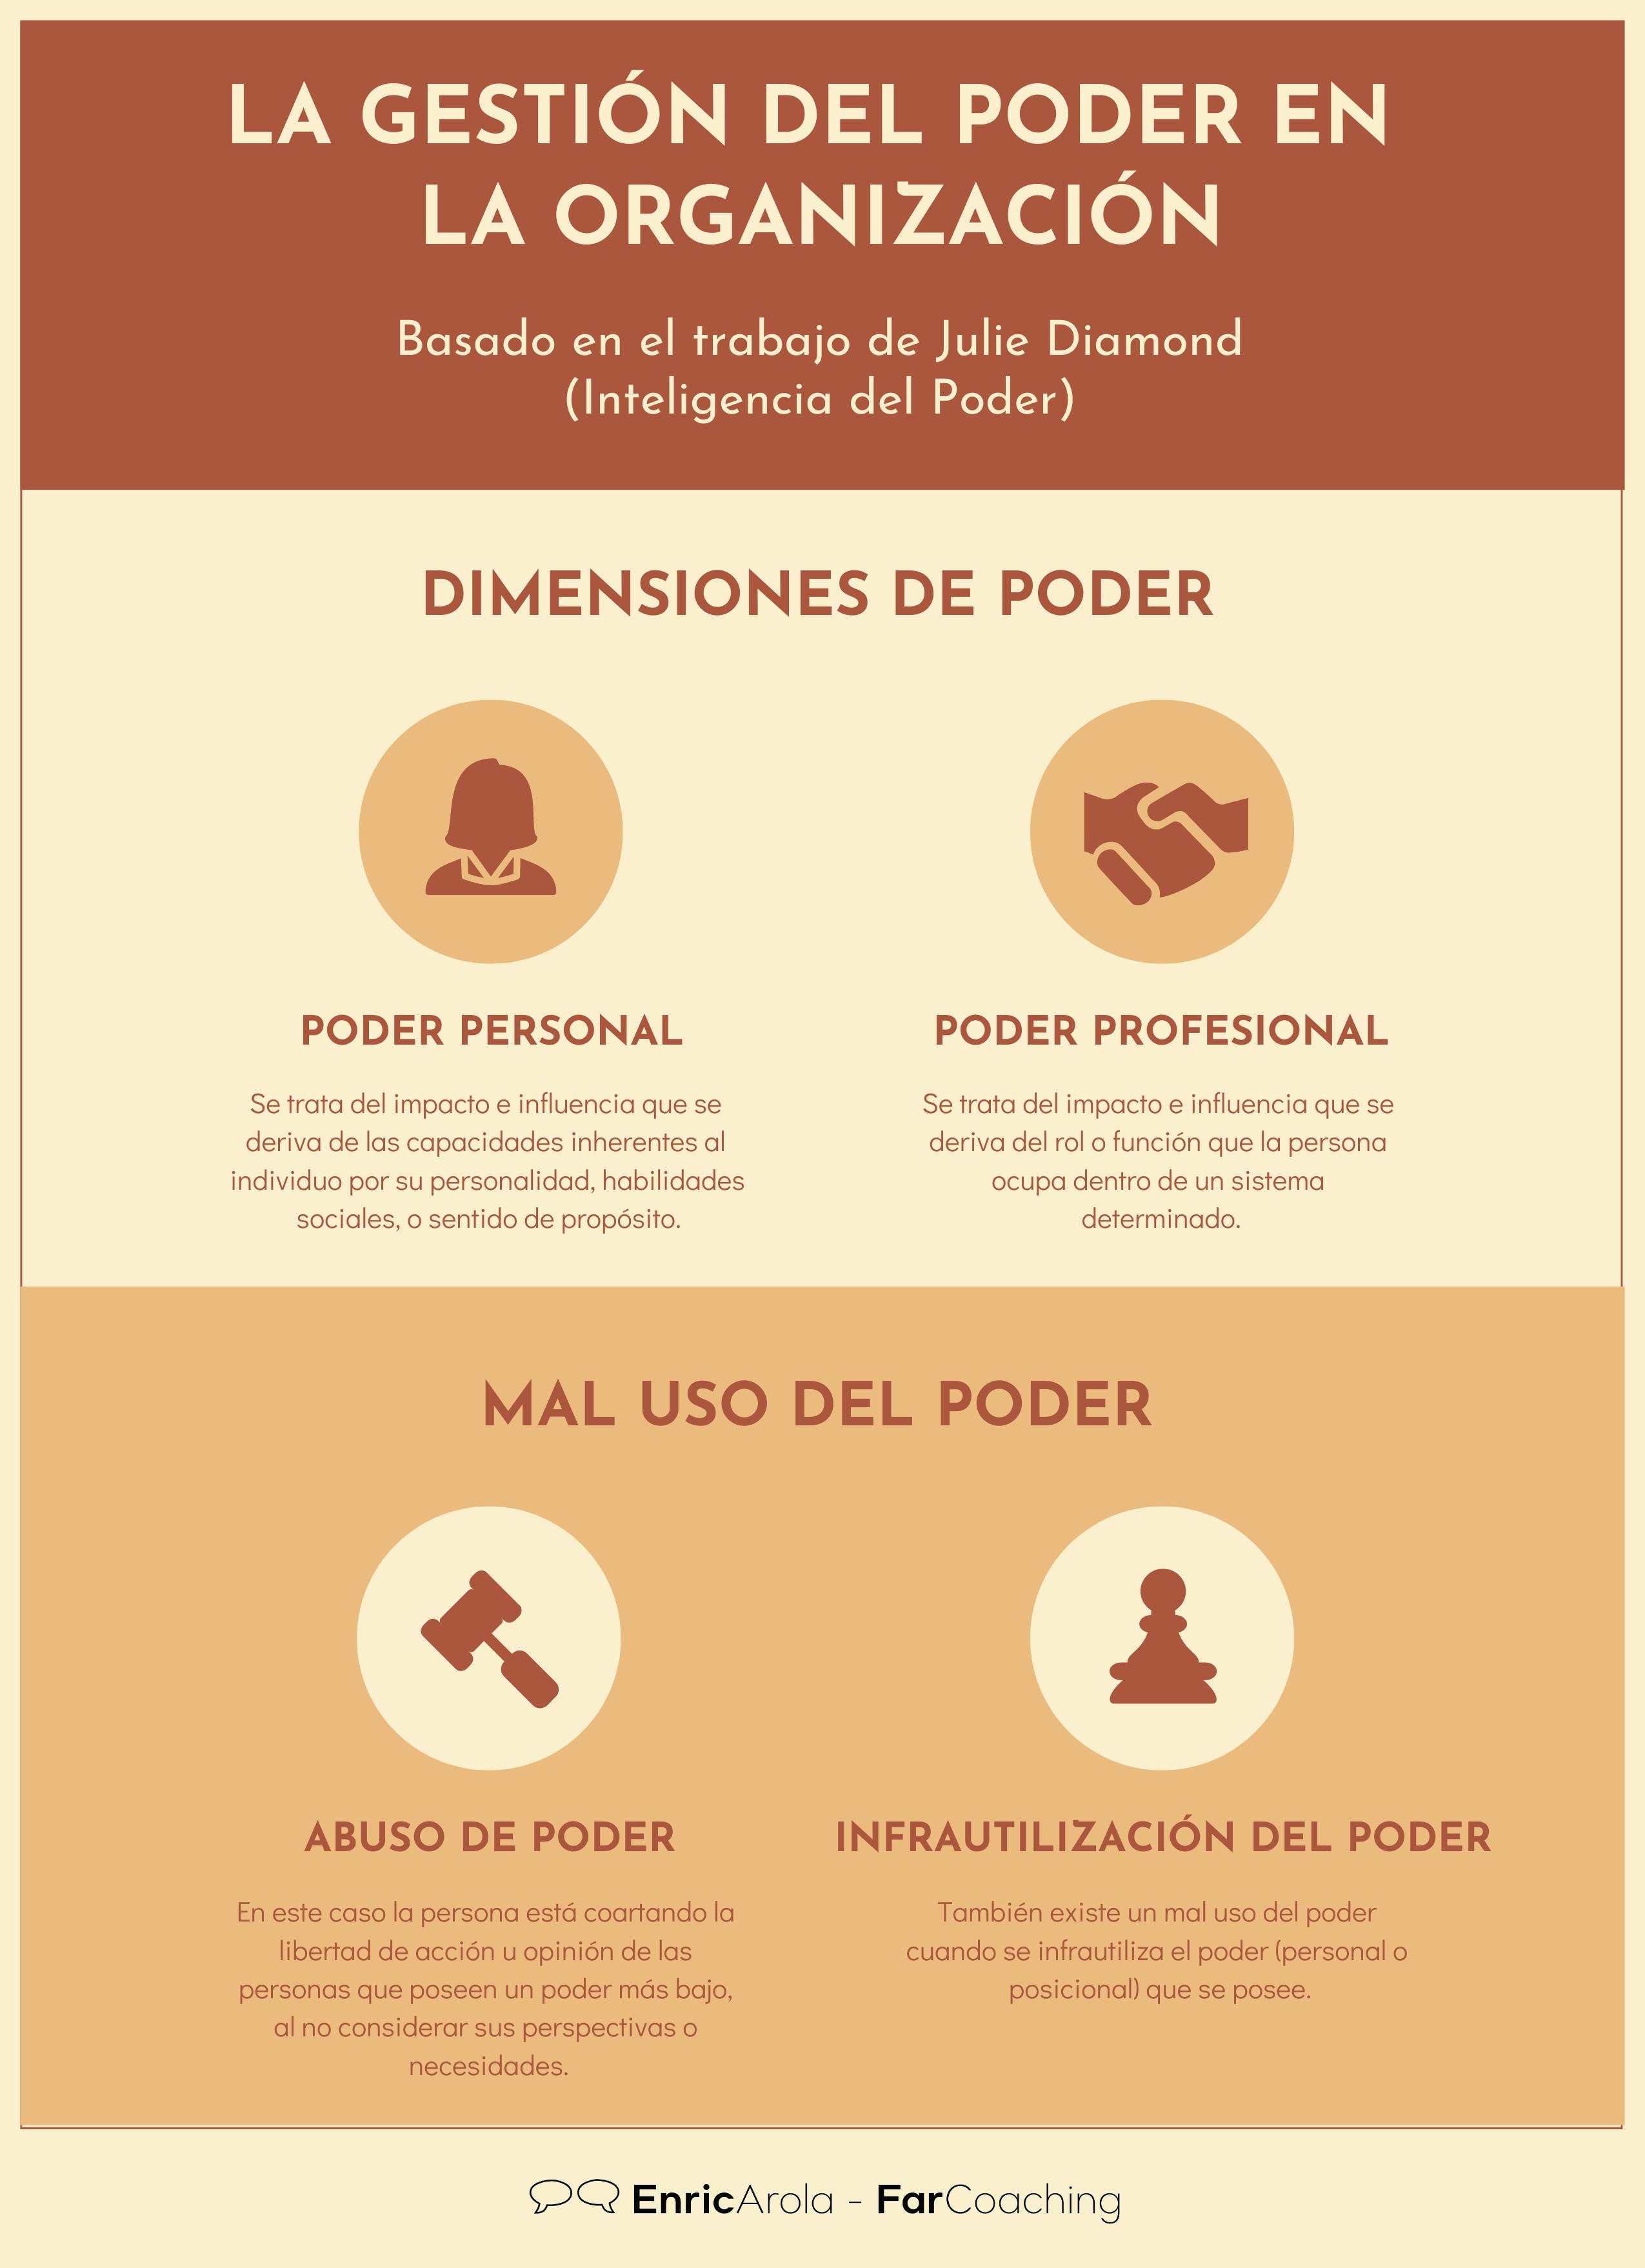 Infografía la gestión del poder en la organización